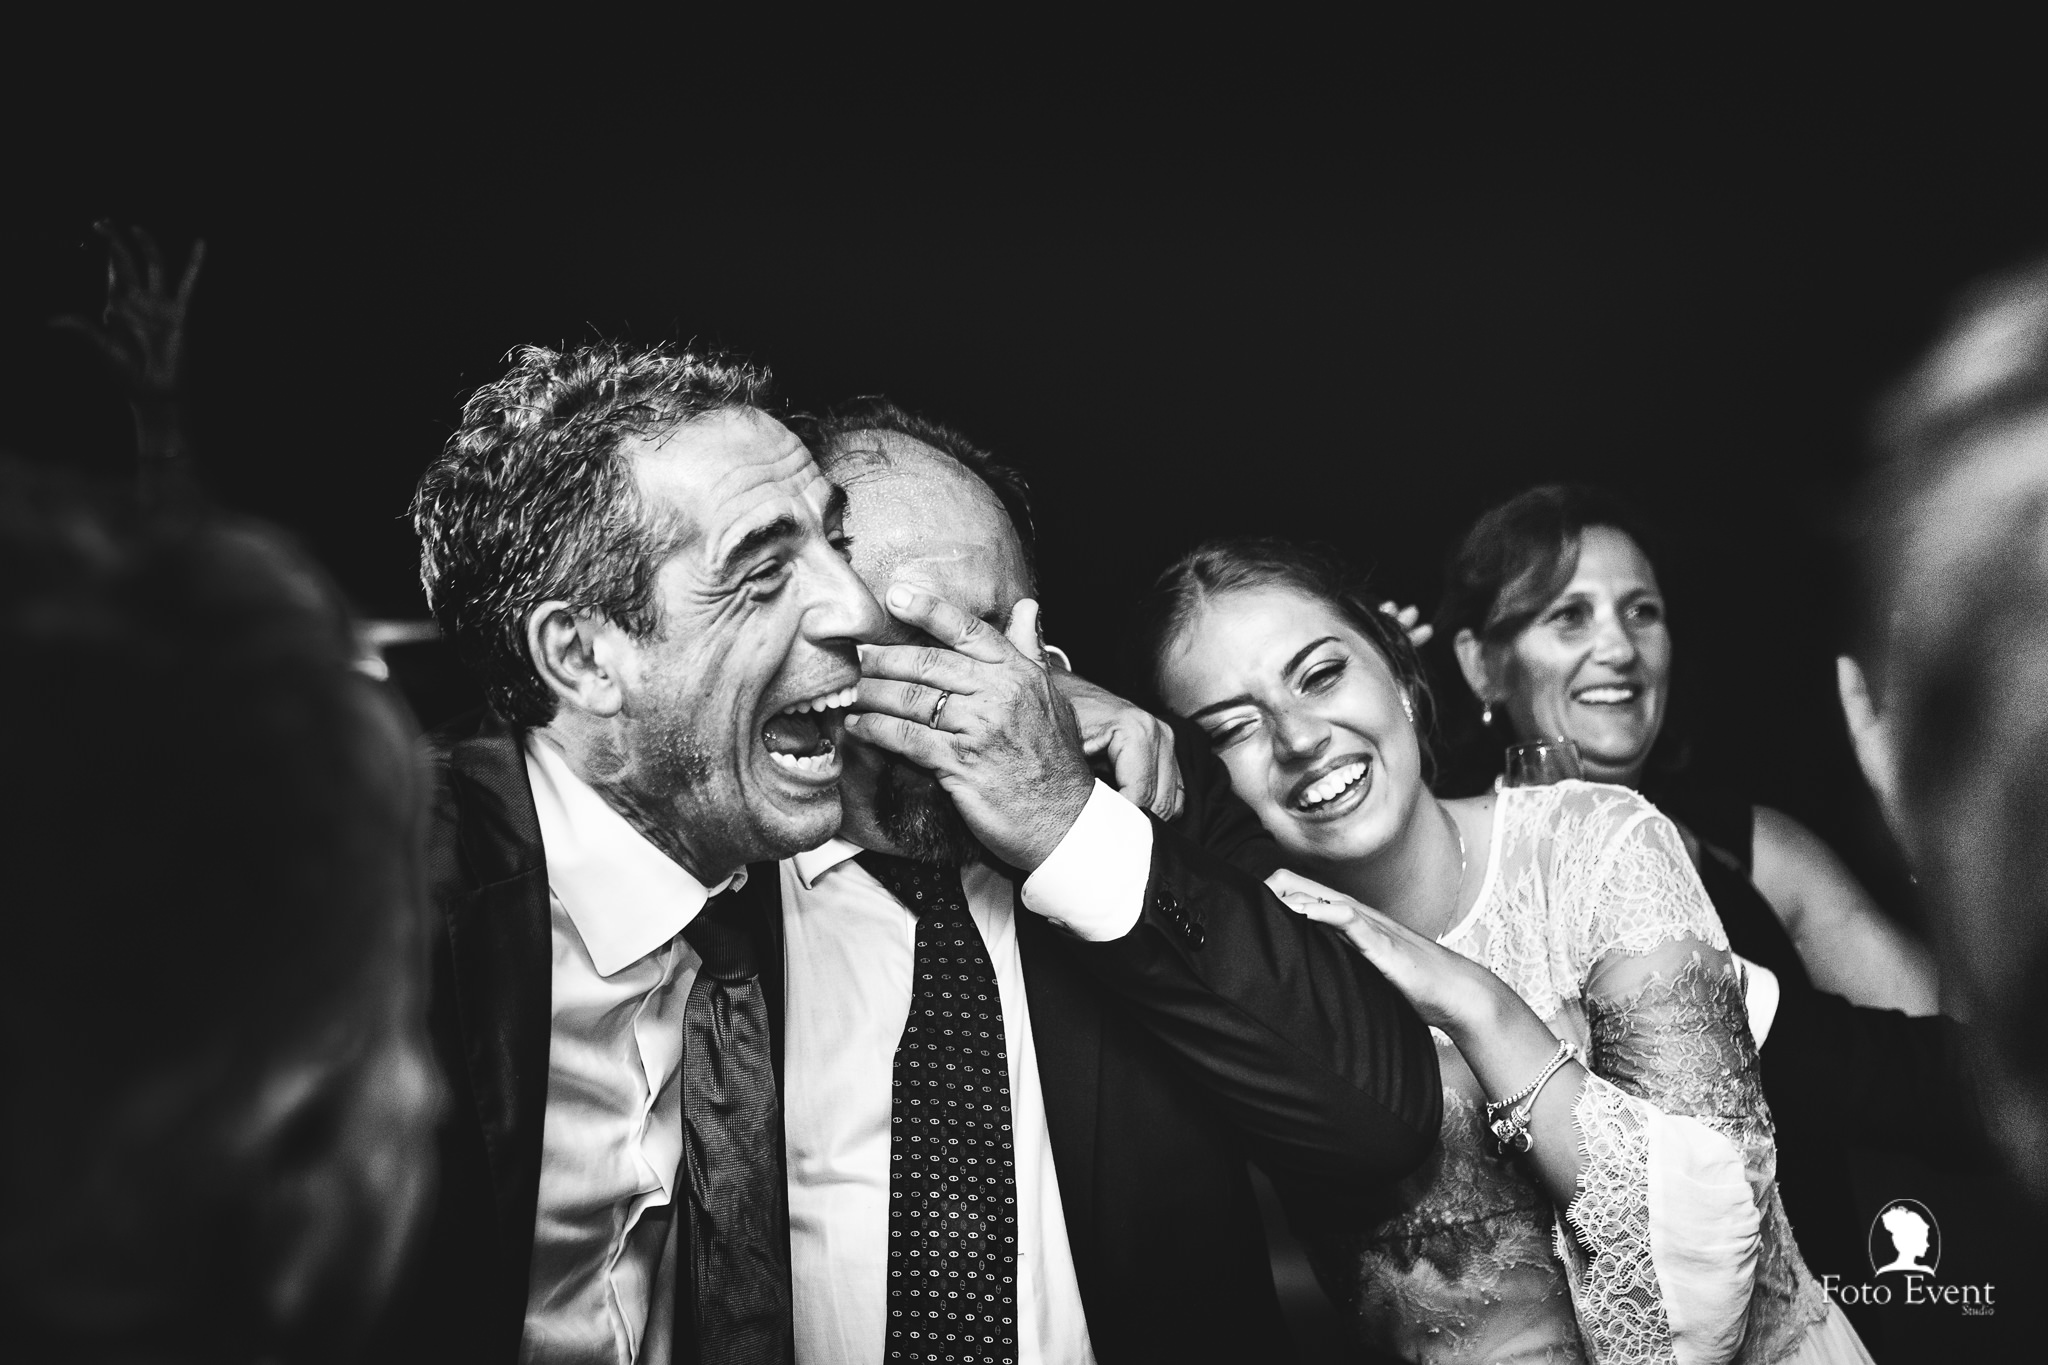 069-2019-09-19-Matrimonio-Letizia-e-Dino-Argento-1760-Edit